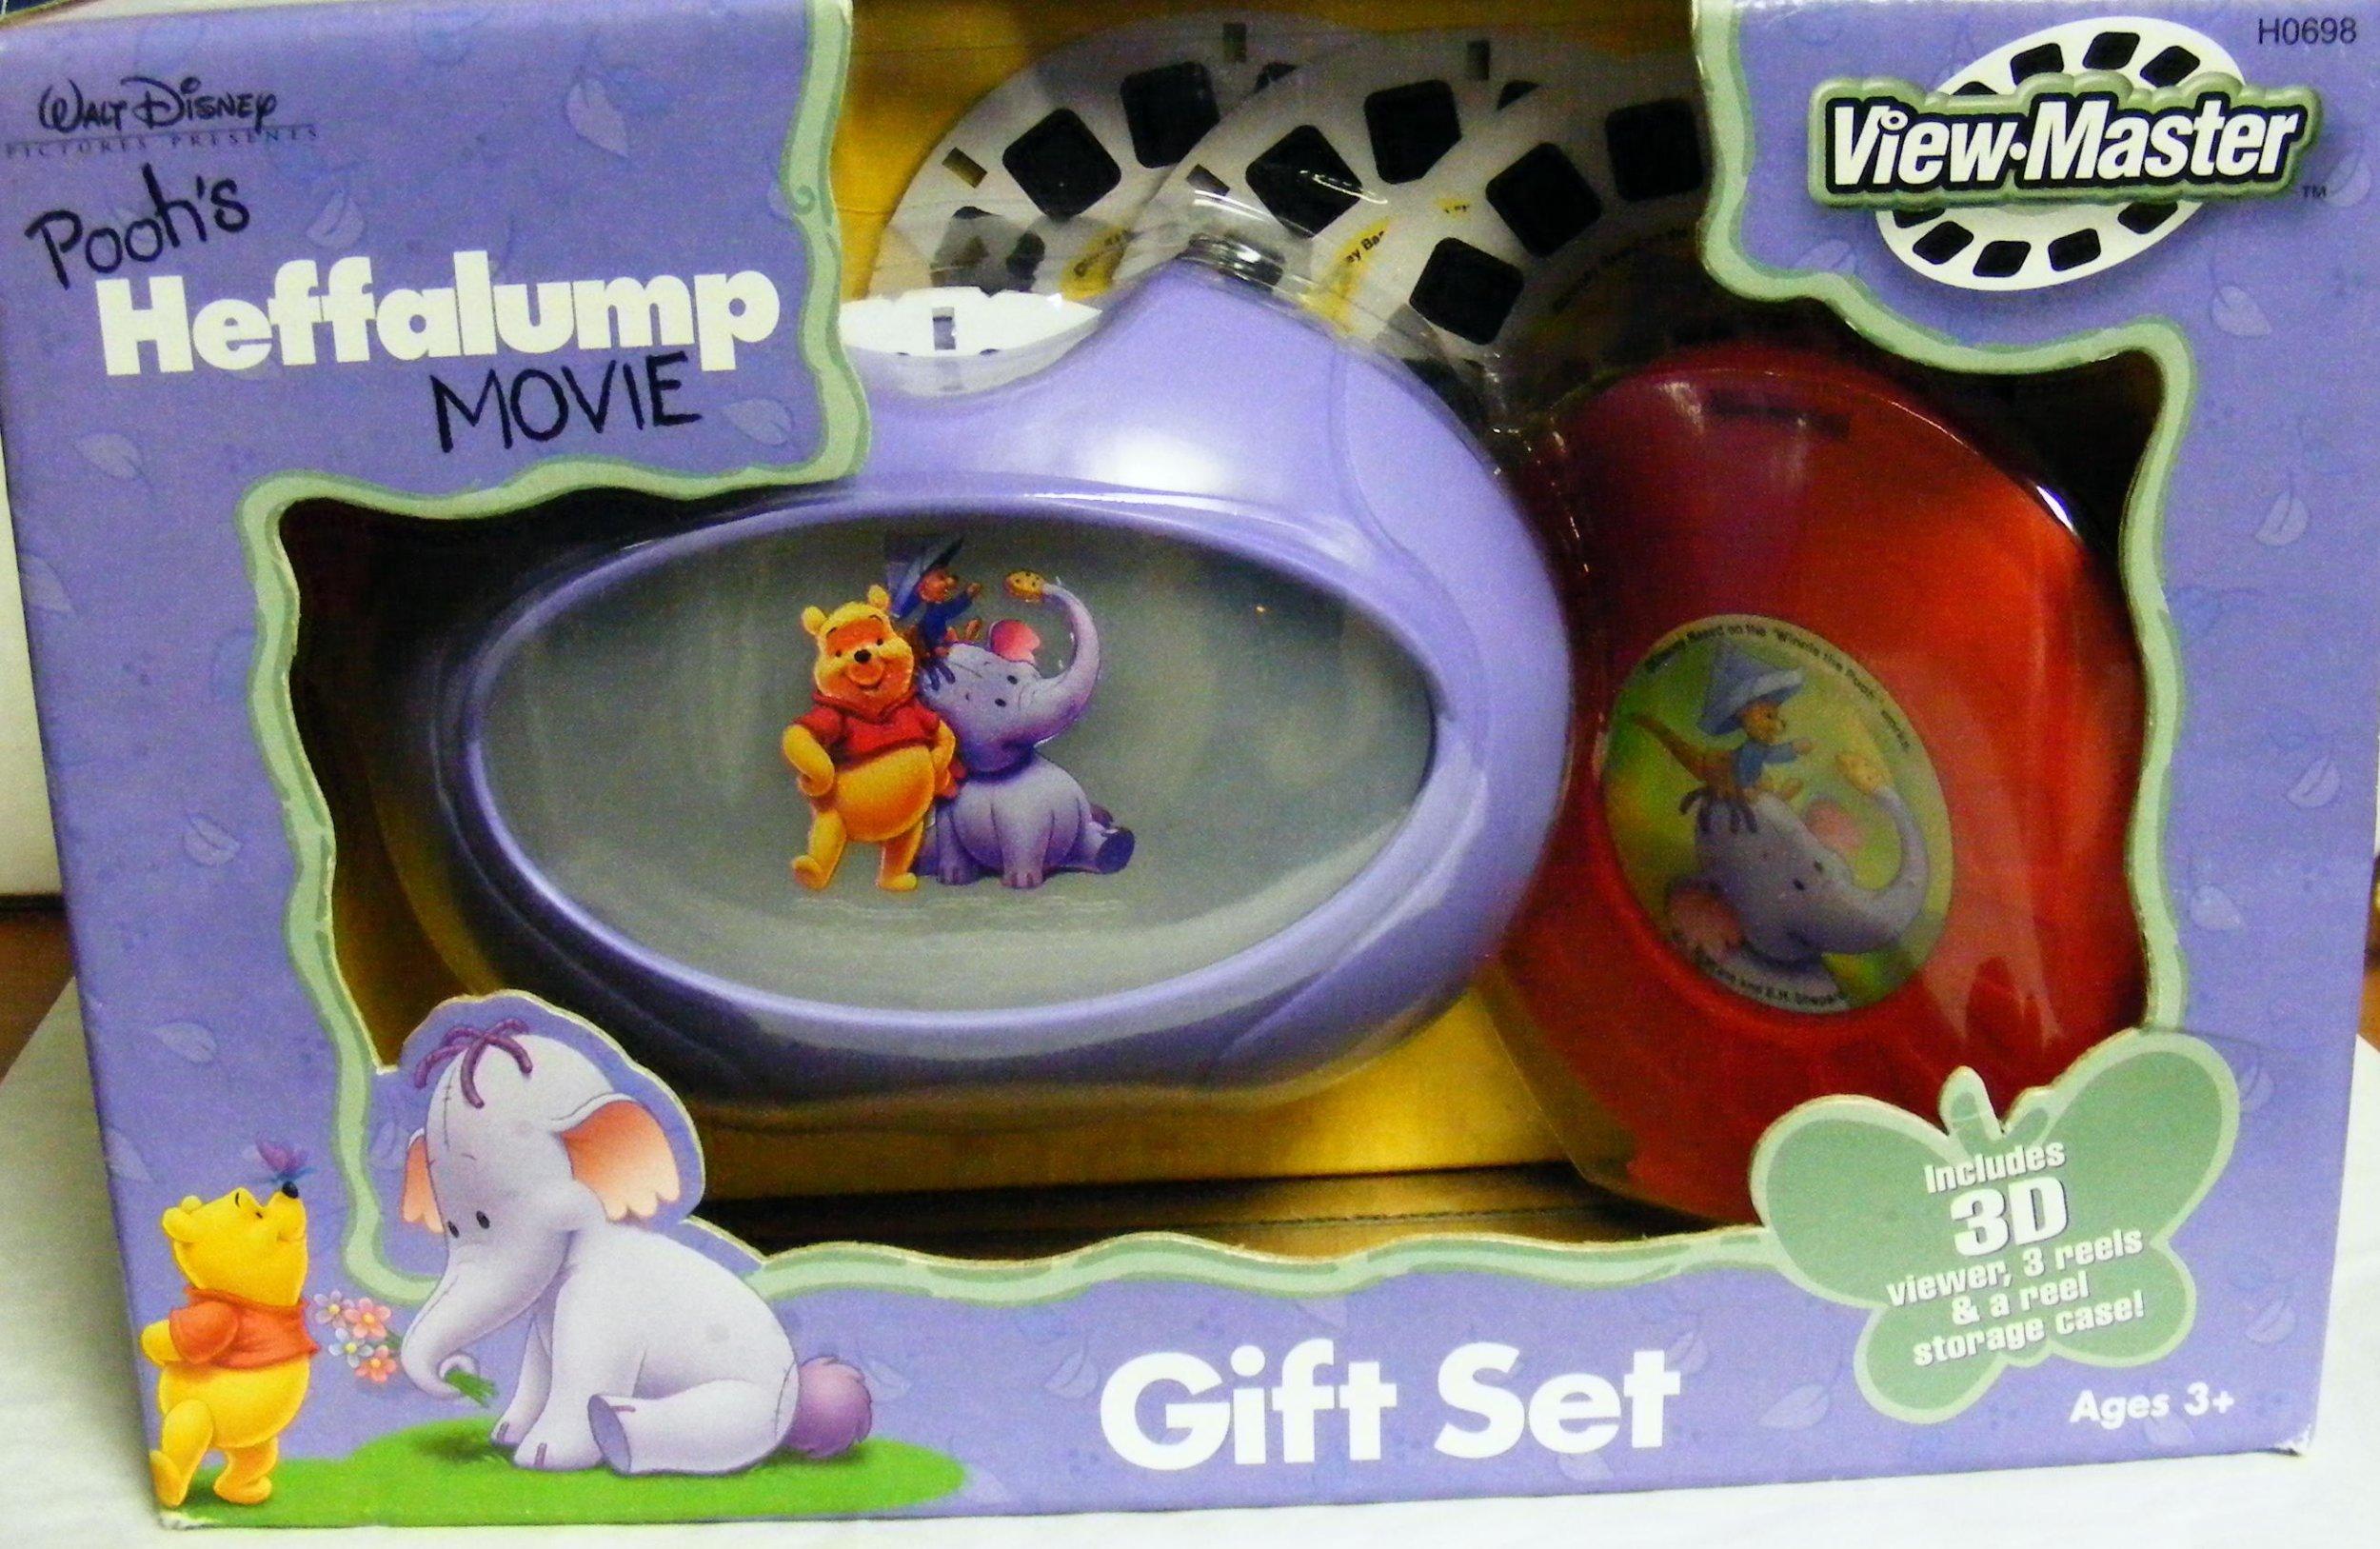 Pooh's Heffalump ViewMaster Gift Set